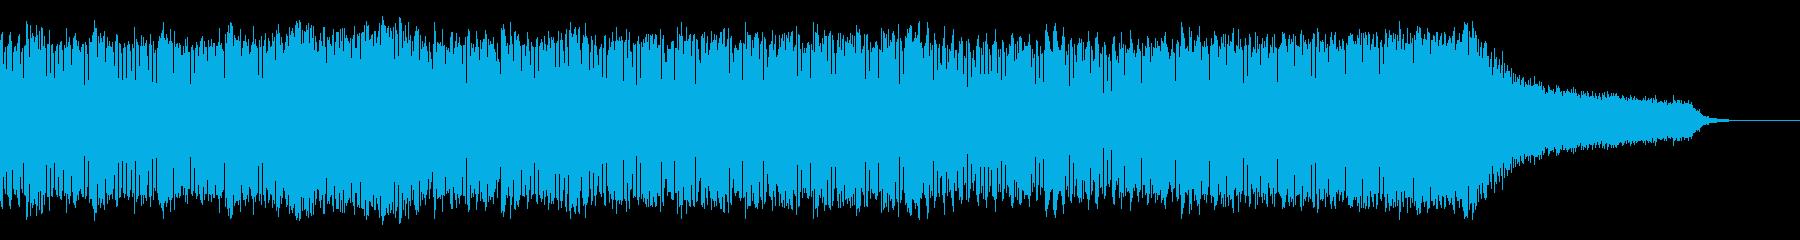 音ハメ動画にぴったりなファンキーサウンドの再生済みの波形